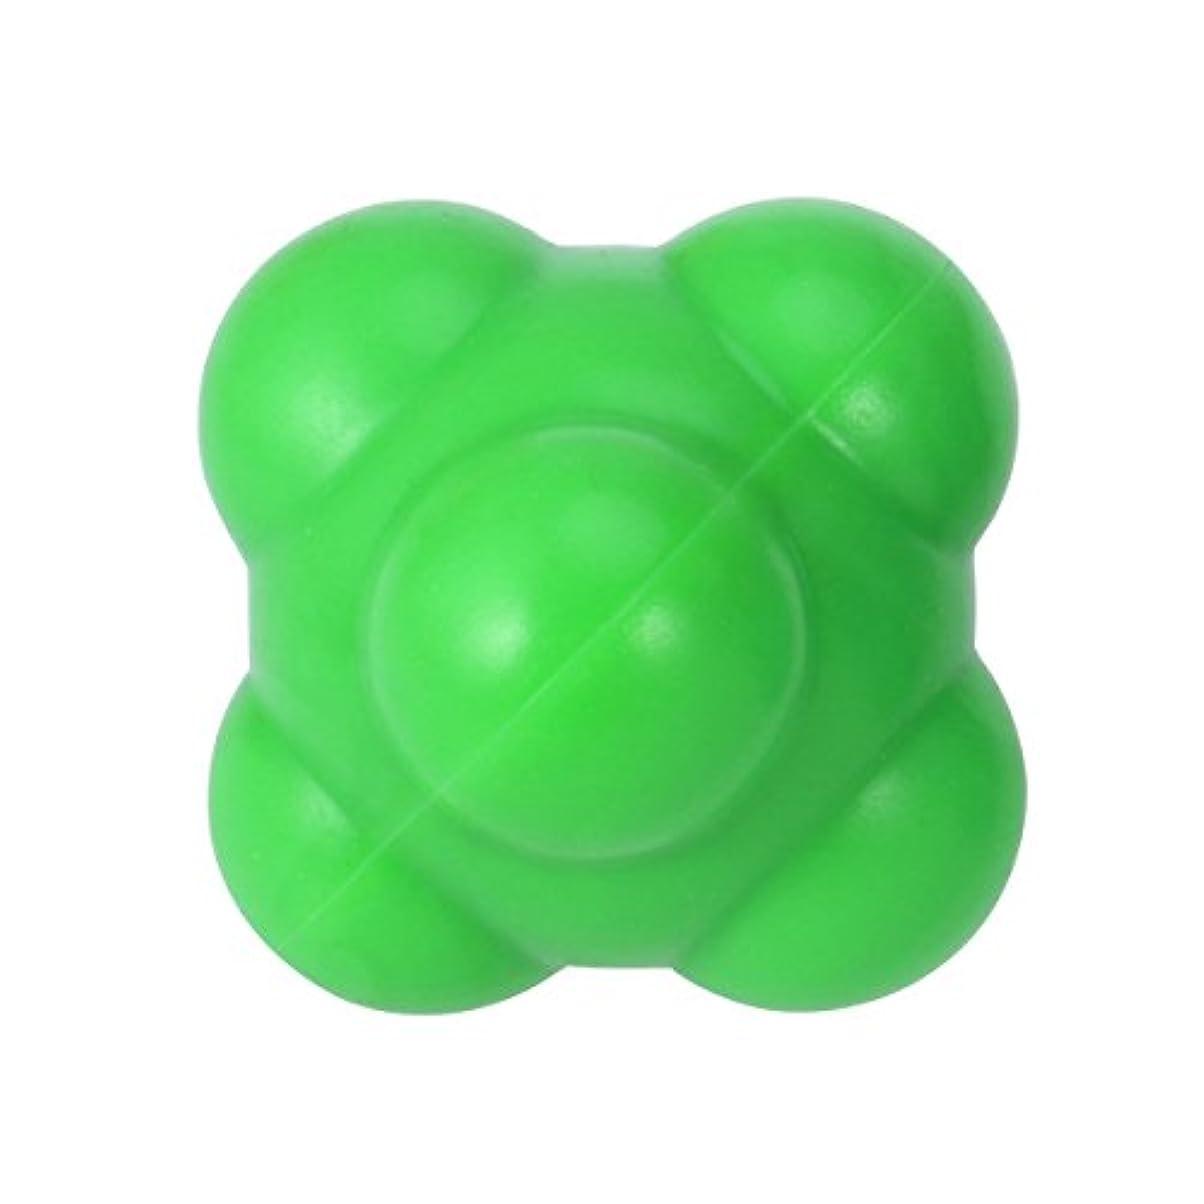 評議会フォローシャトルSUPVOX 反応ボール 敏捷性とスピードハンドアイ調整(グリーン)